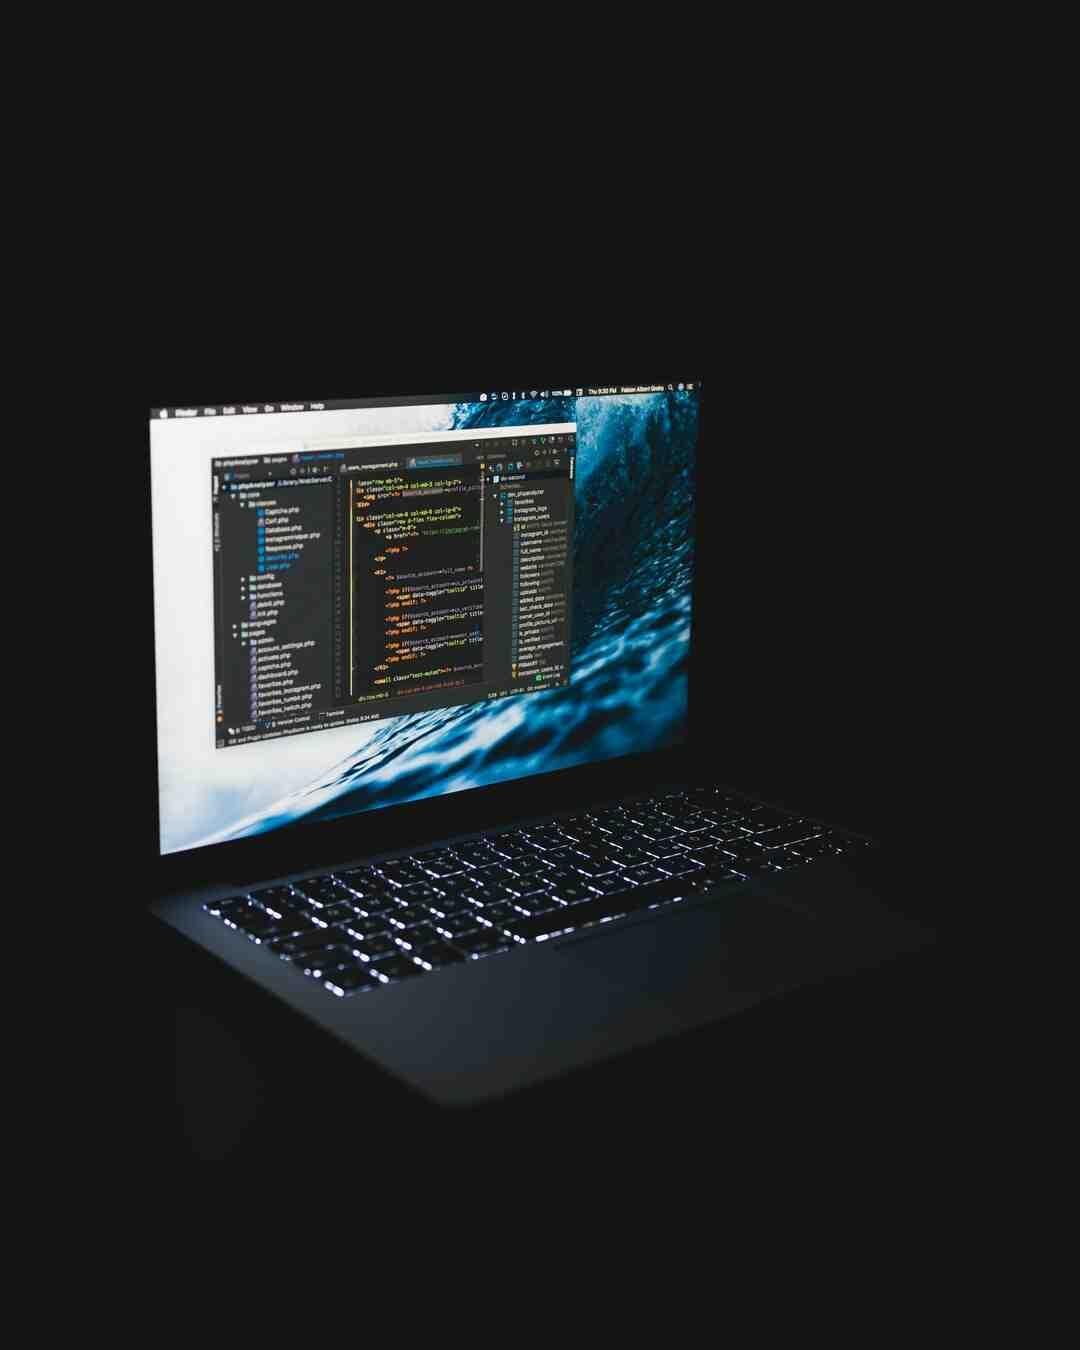 Quelles sont les qualités d'un bon informaticien ?